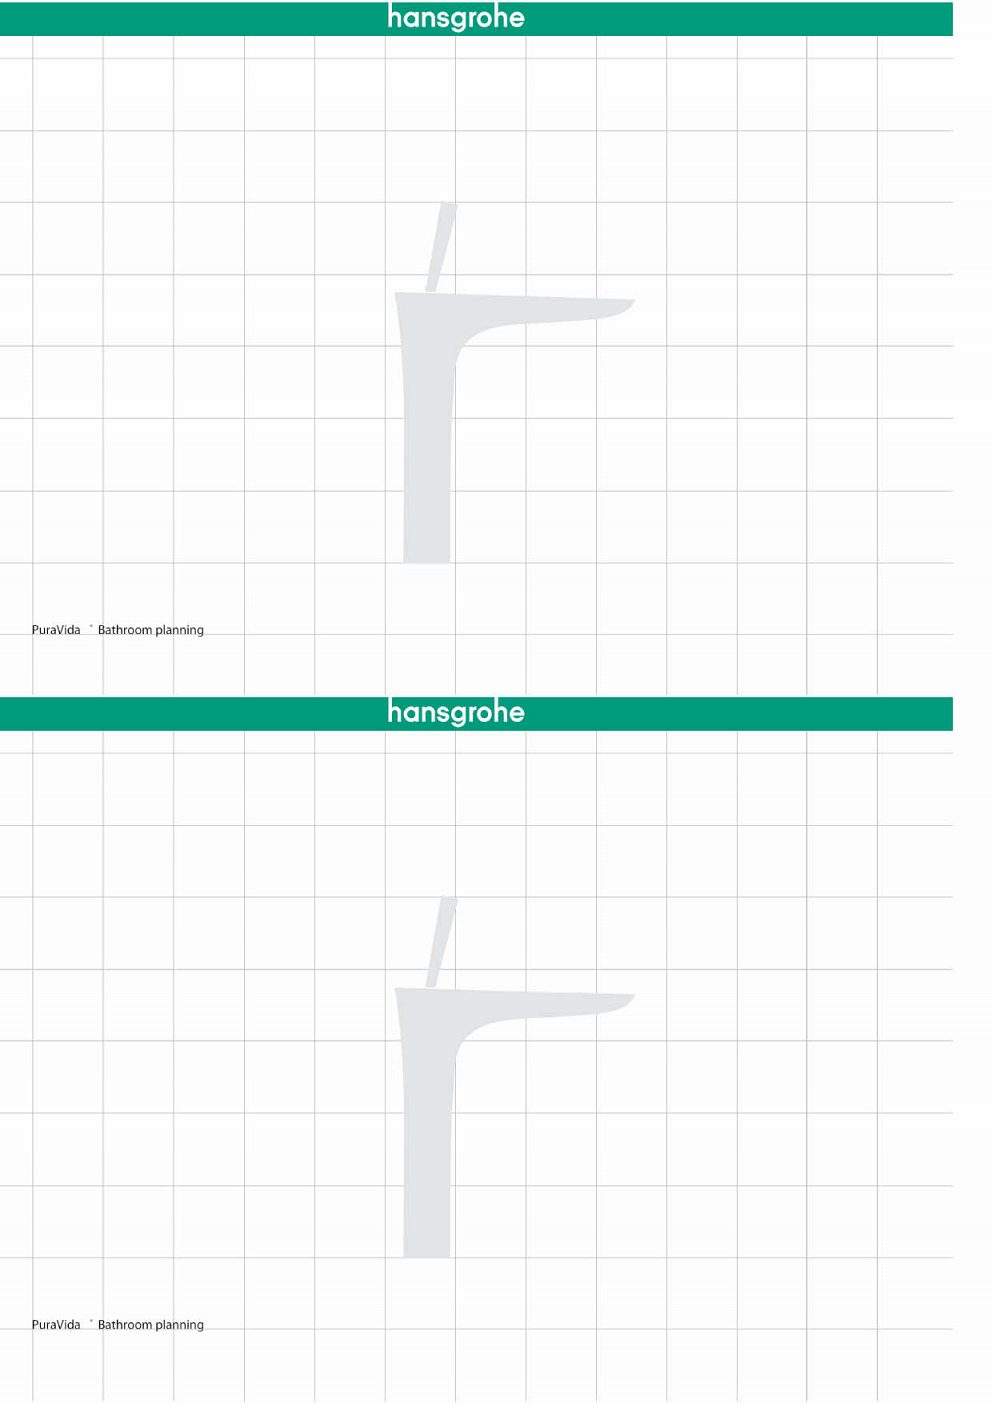 Hansgrohe - plánovanie kúpeľne Pura Vida